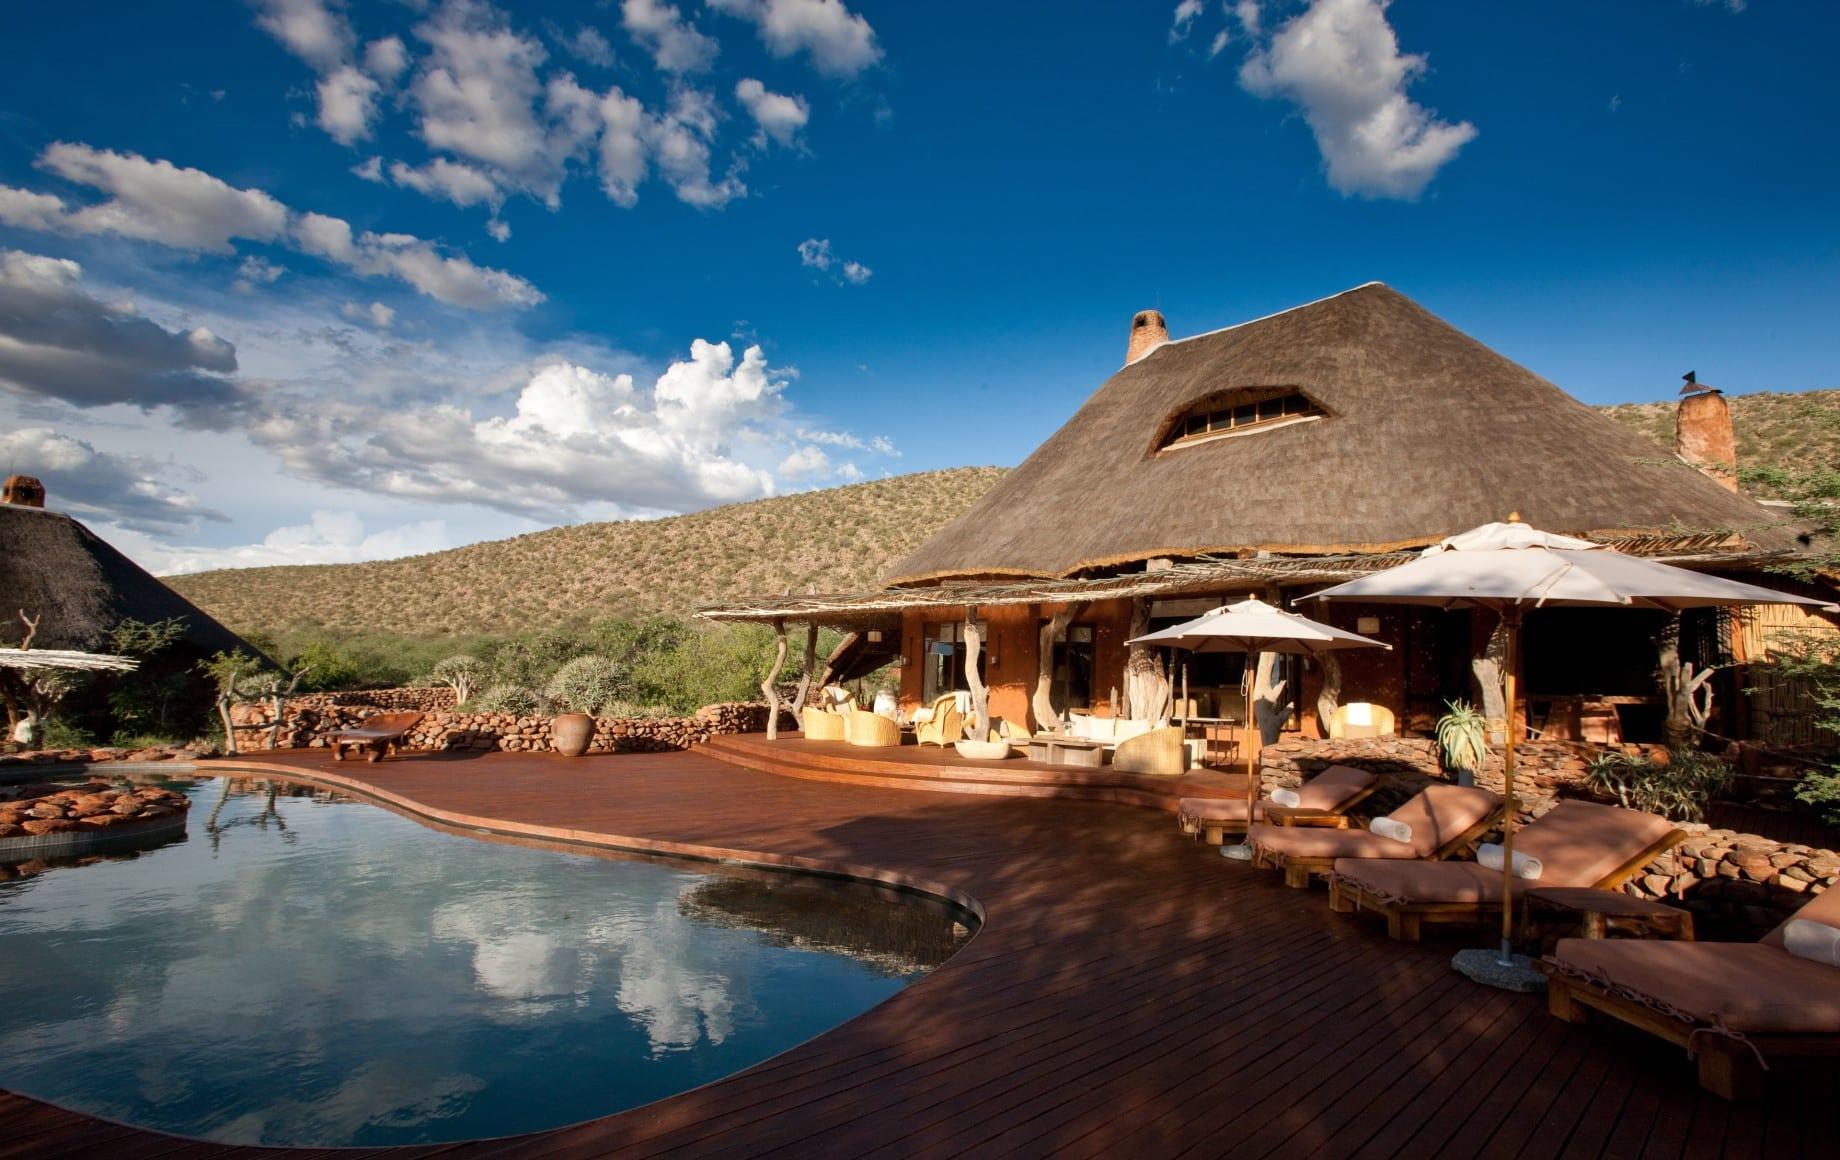 pool during day at Tswalu Motse